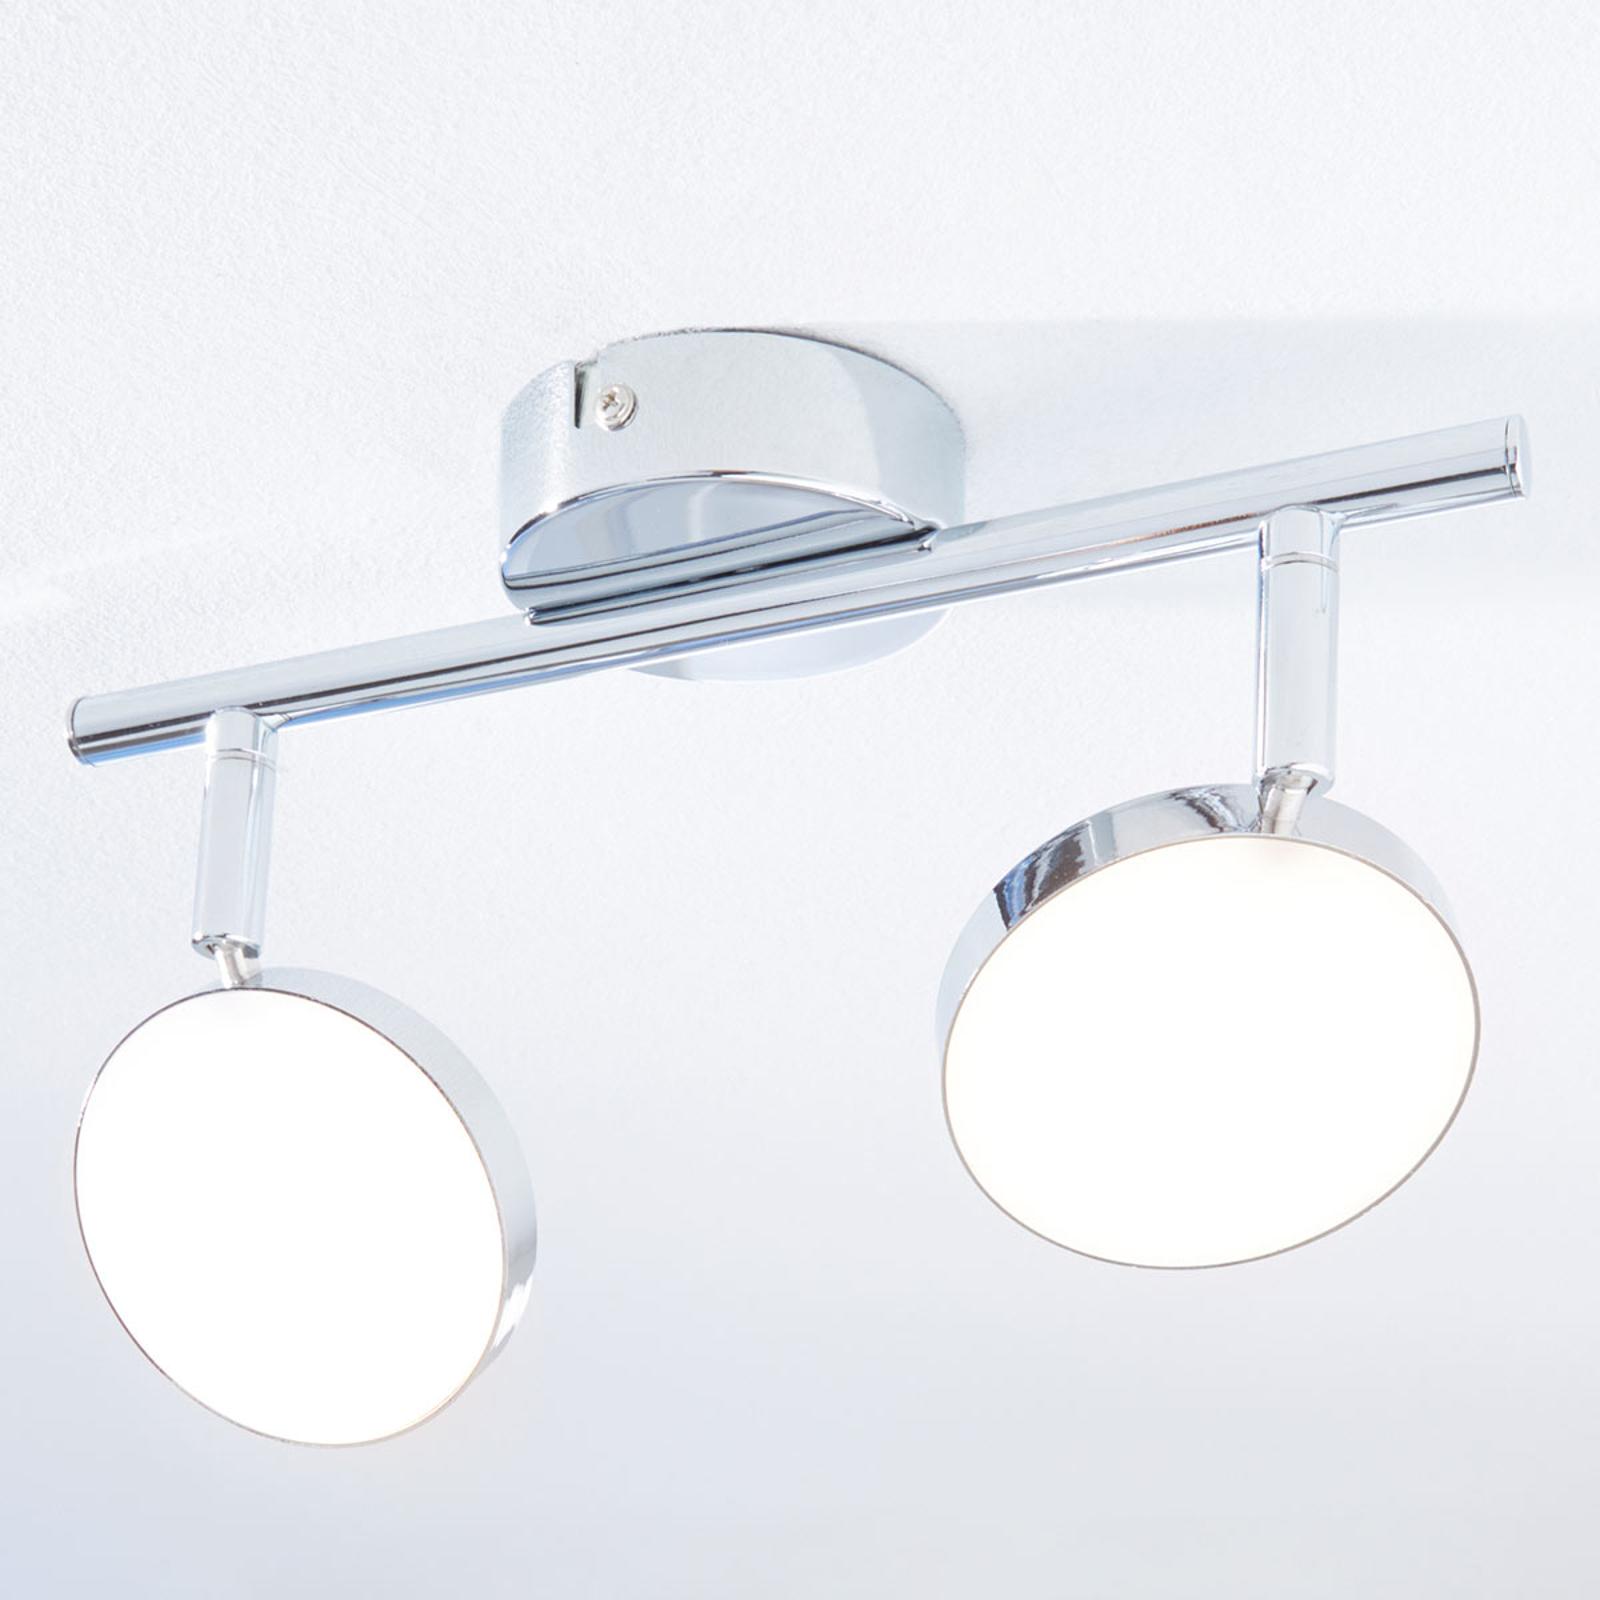 LED-takspotlight Keylan, 2 lampor